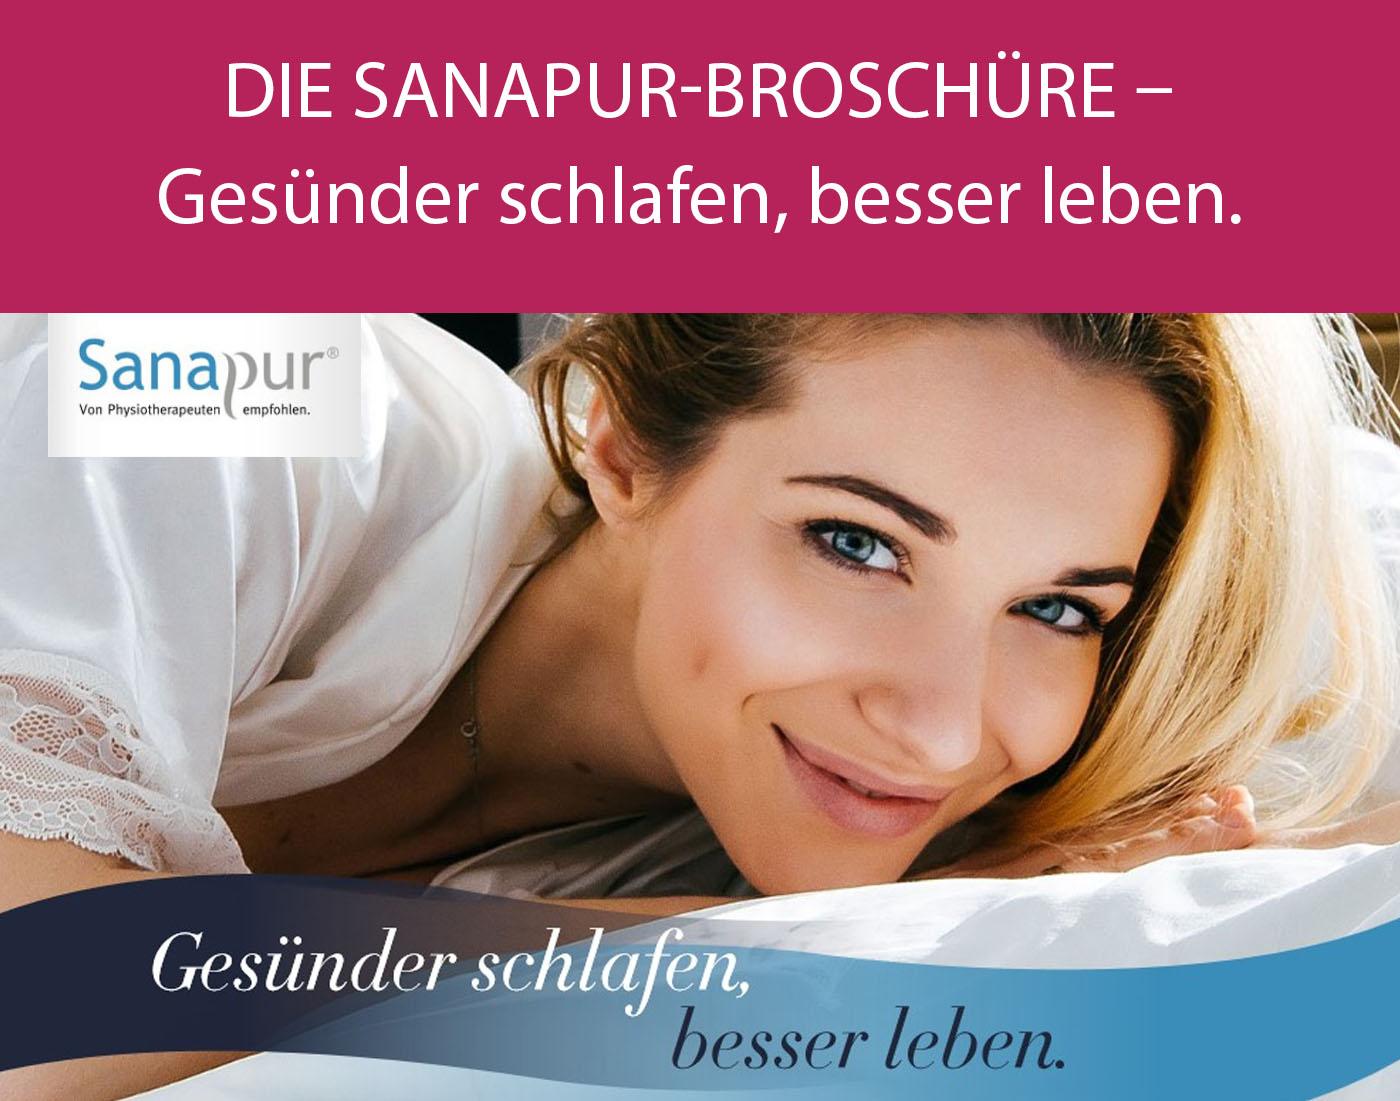 Die Sanapur-Broschüre - gesünder schlafen, besser leben.